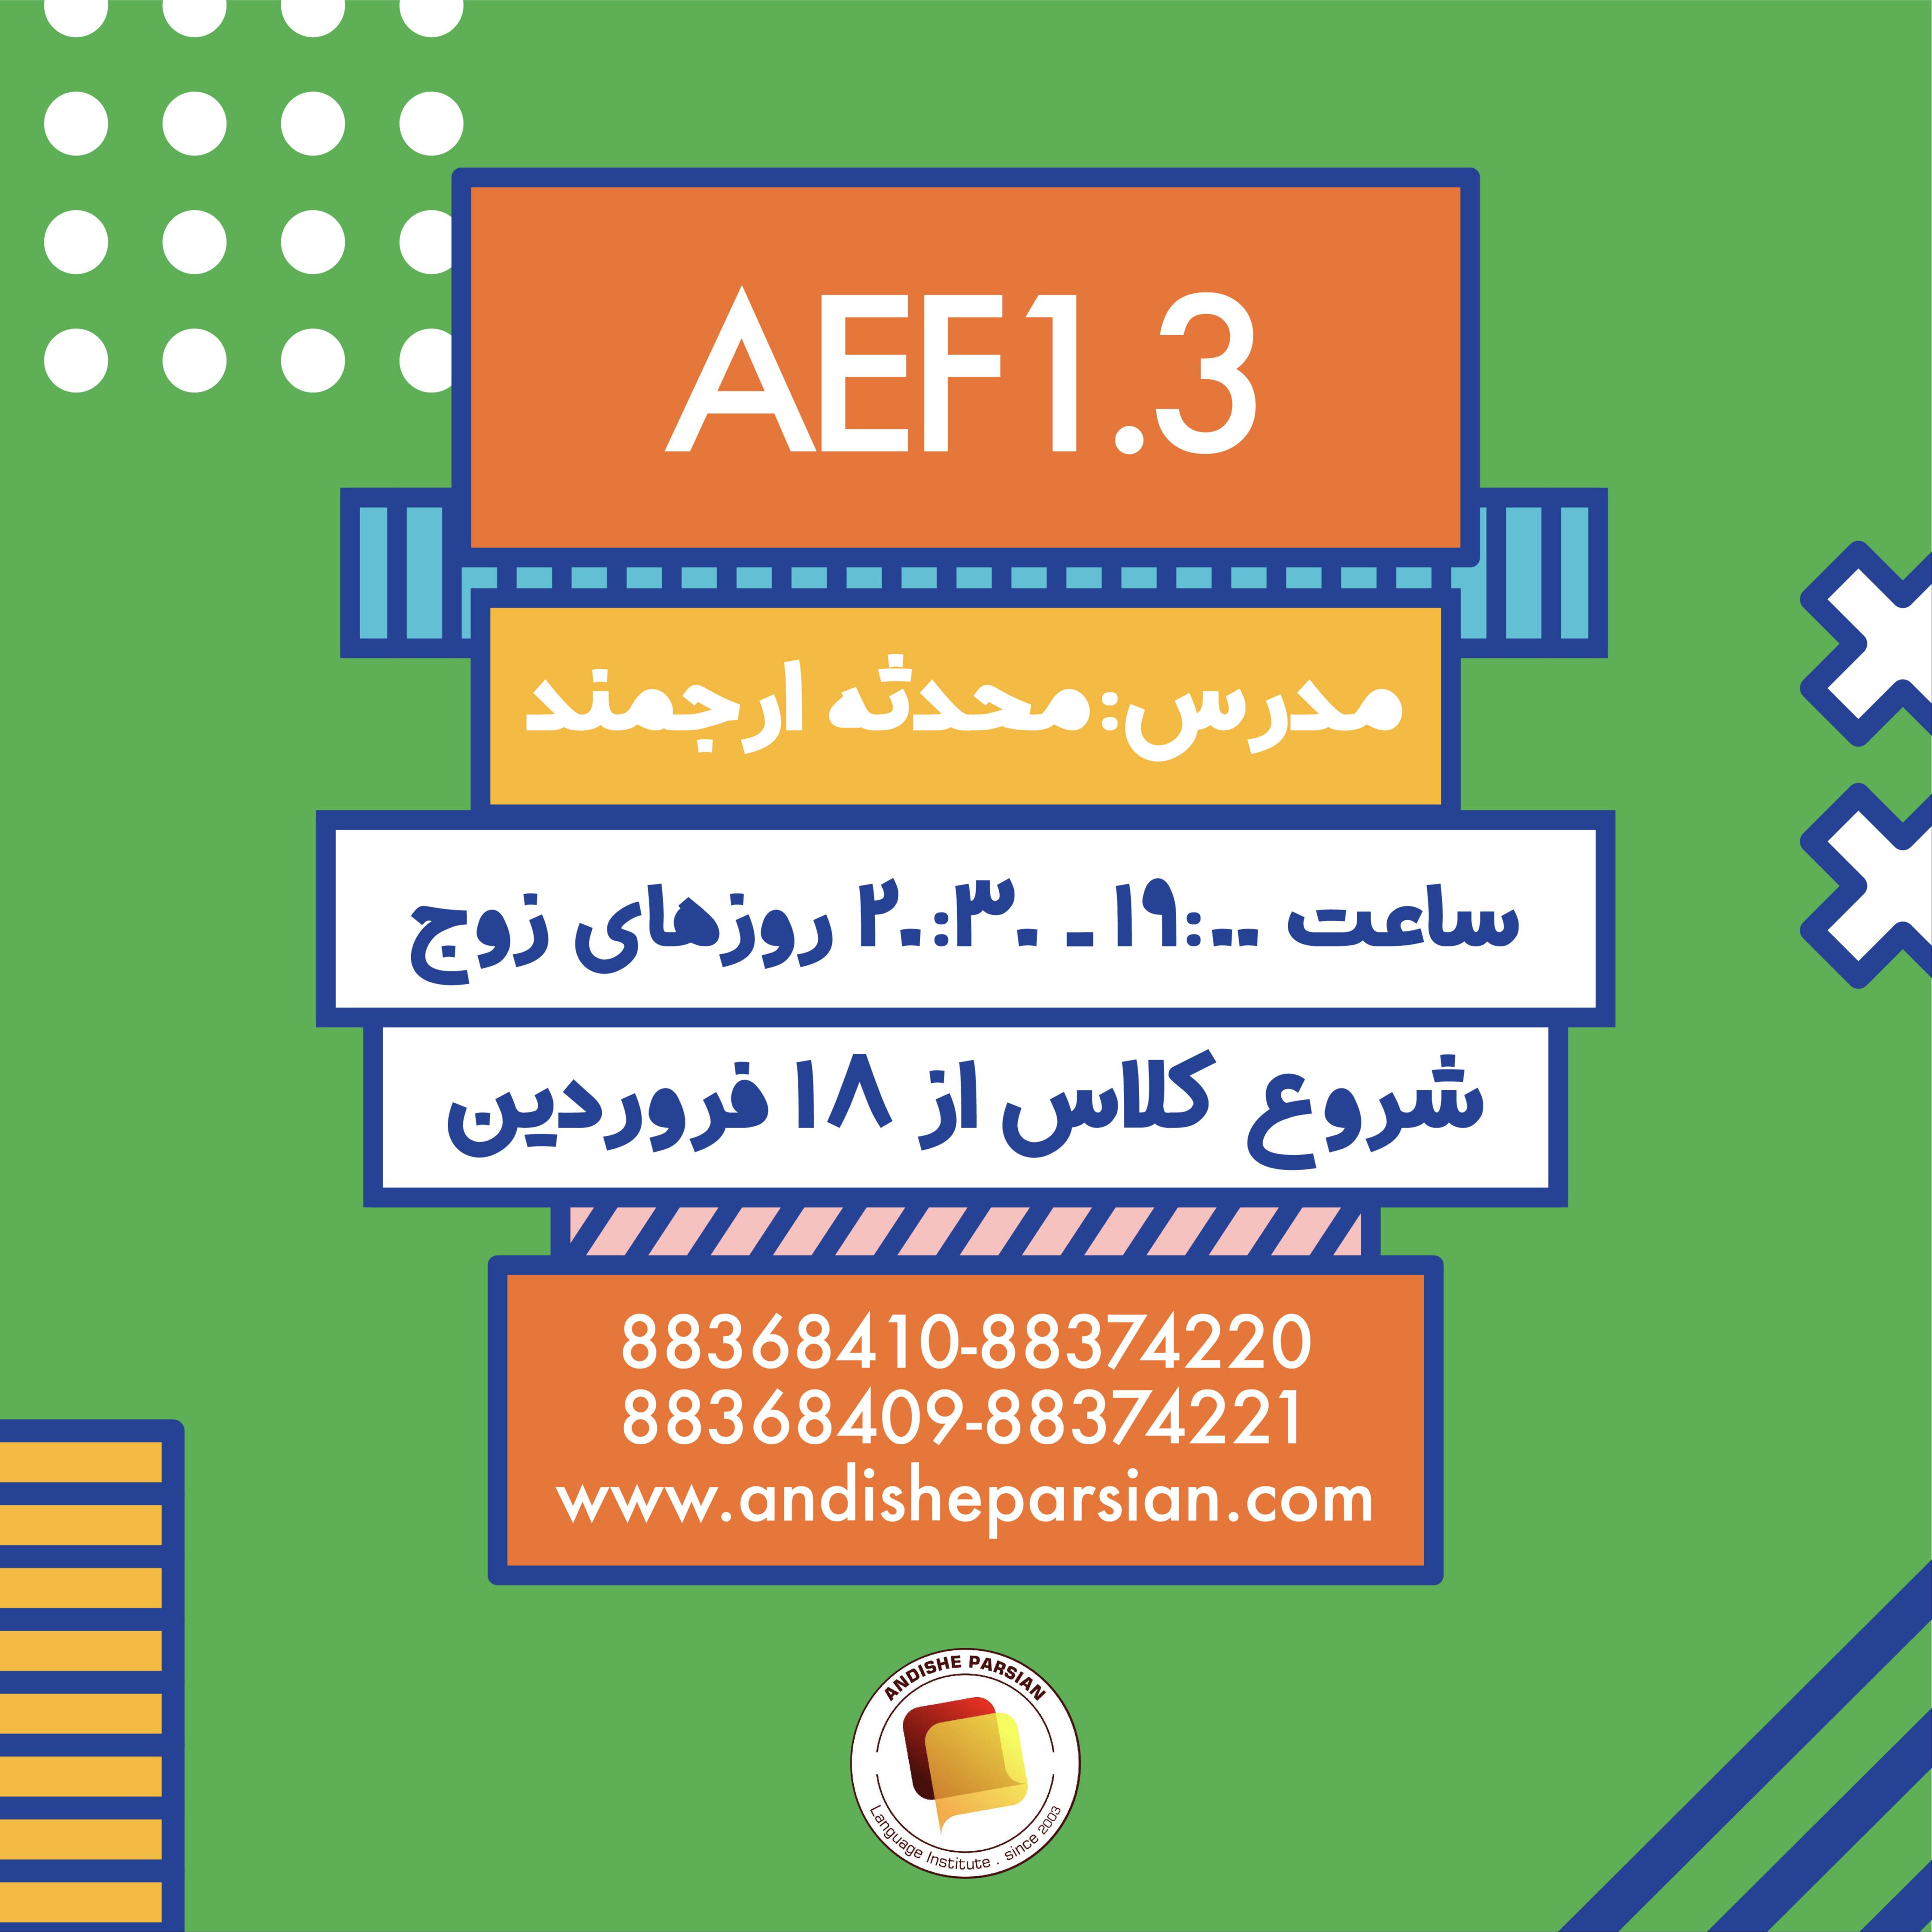 شروع کلاس آموزش زبان انگلیسی - American English File 1.3